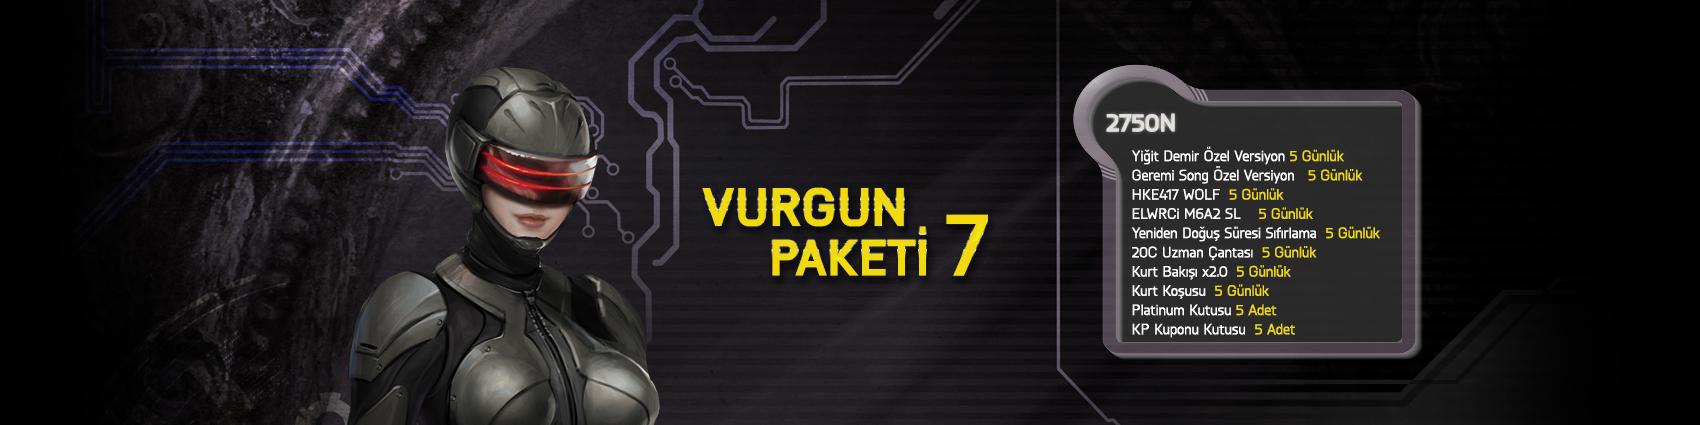 Vurgun Paketi 7!